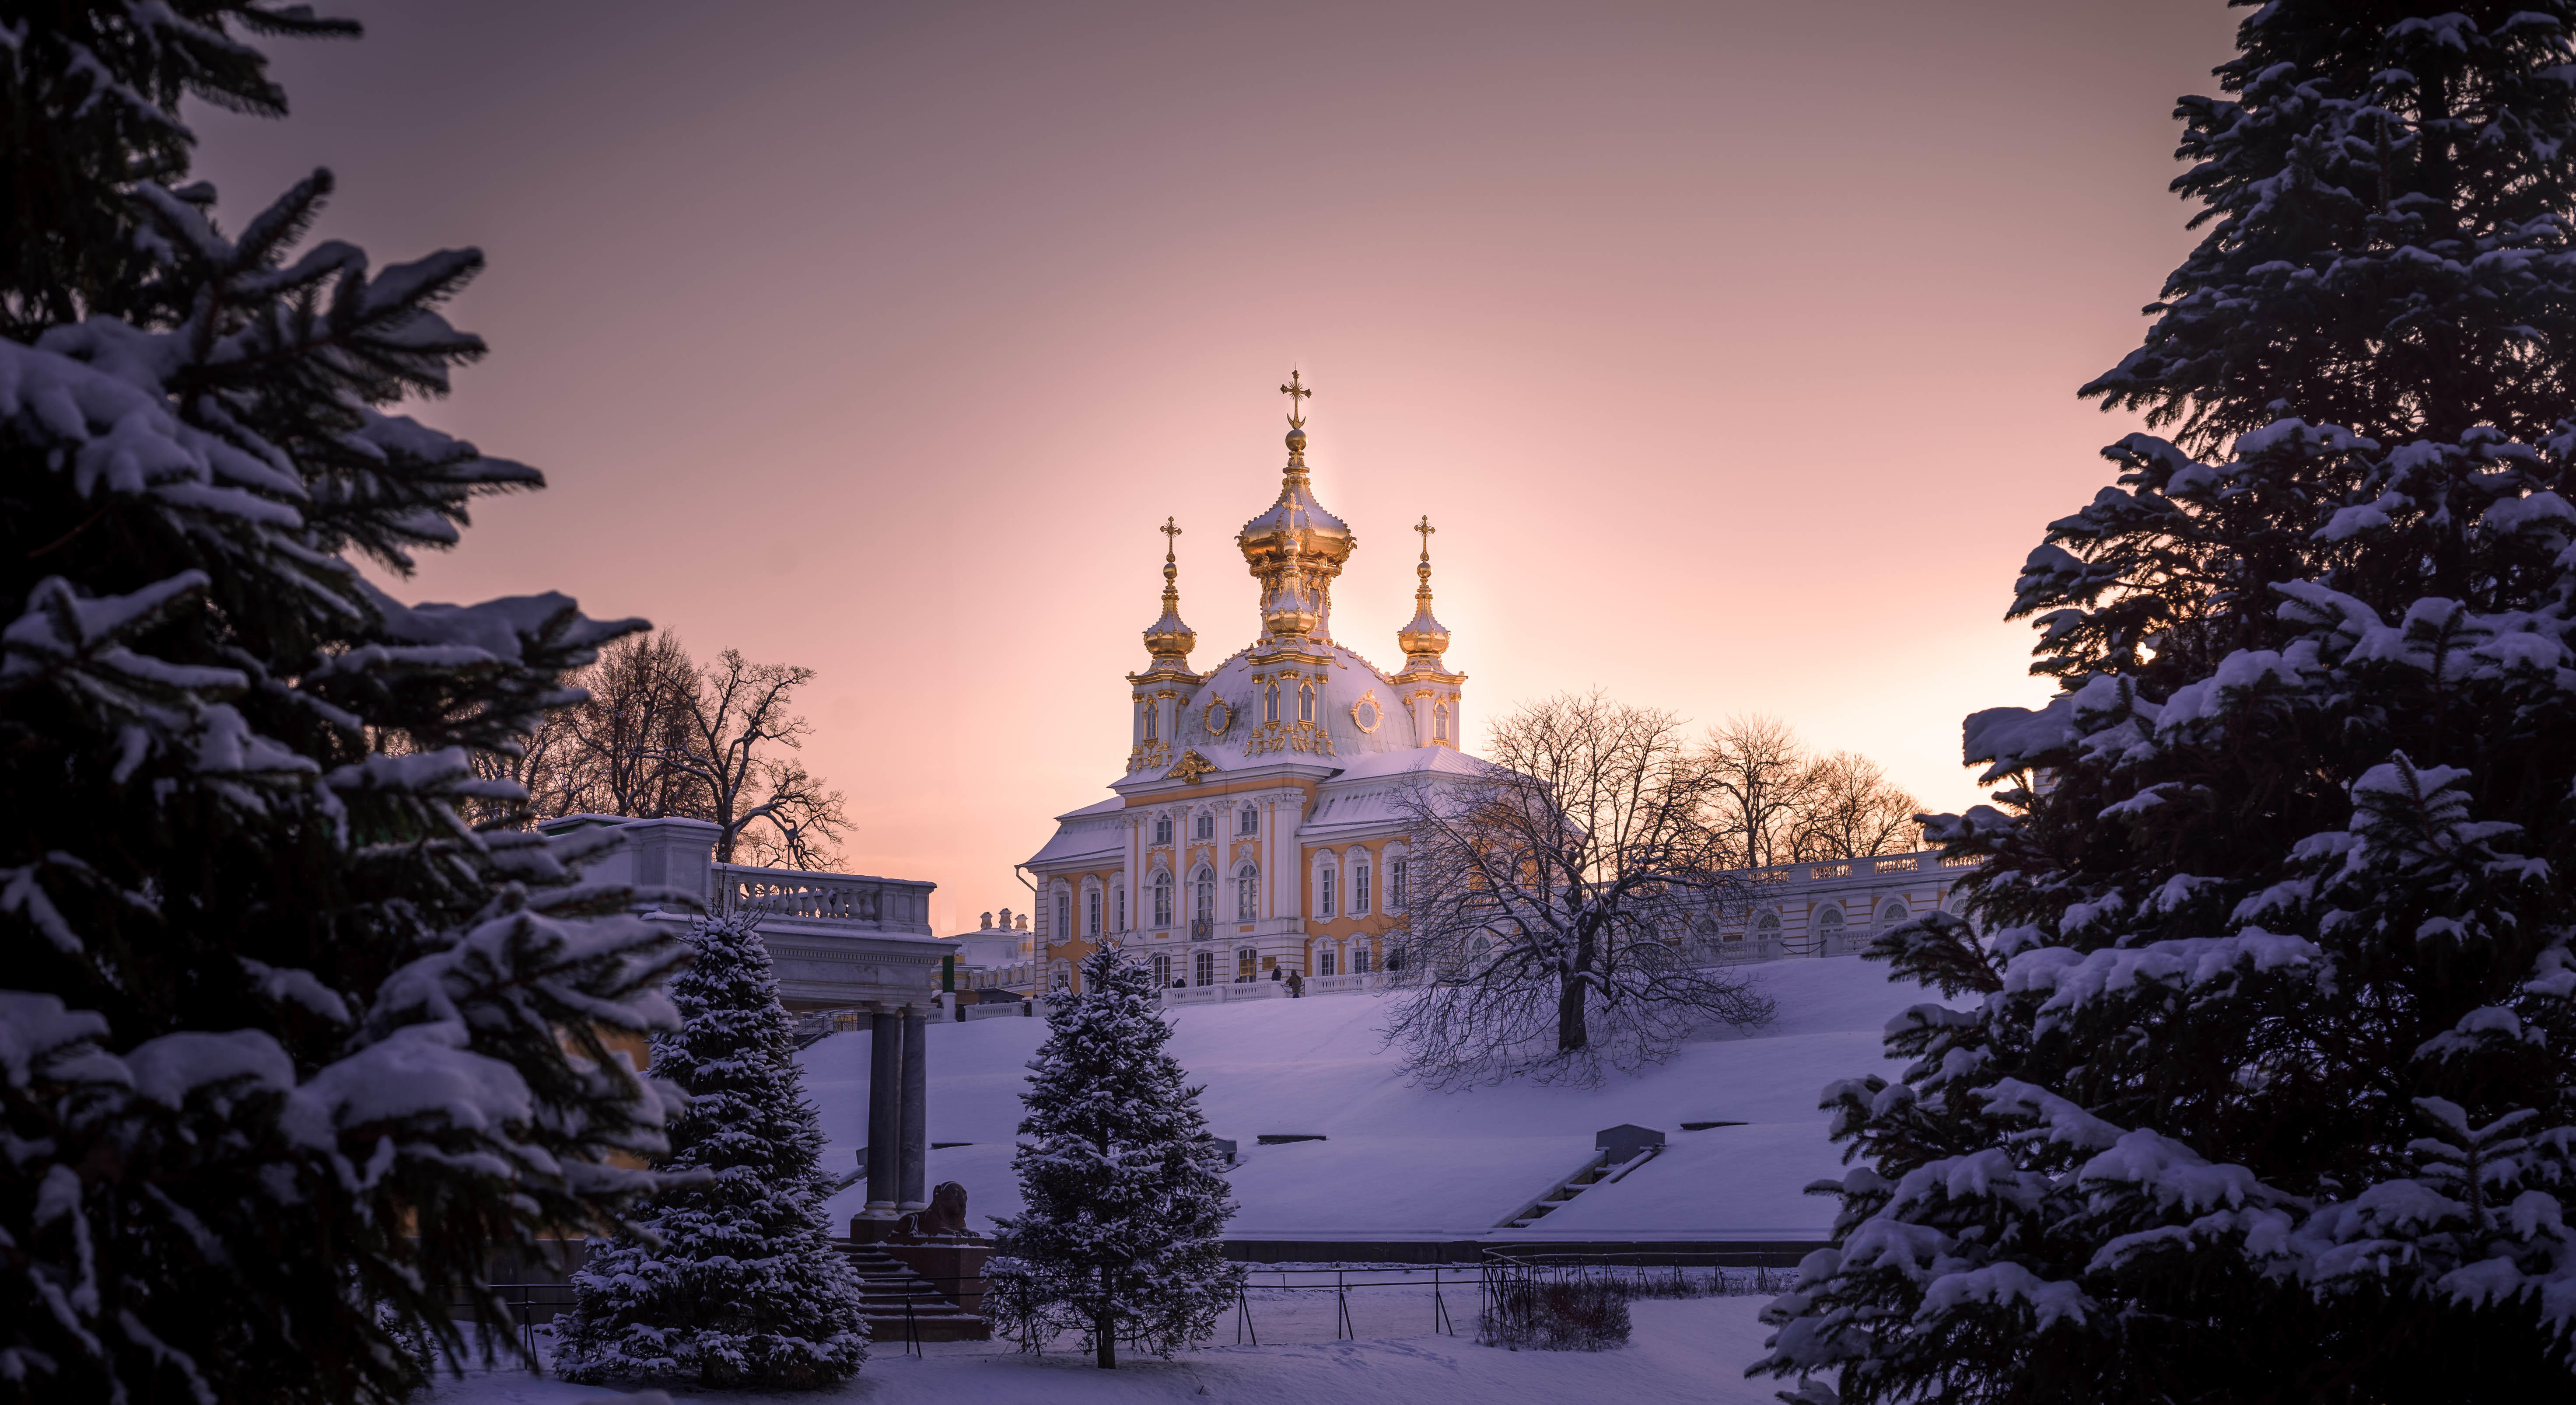 Санкт-Петербург, Россия, Европа, Петергоф, замок, парк, закат